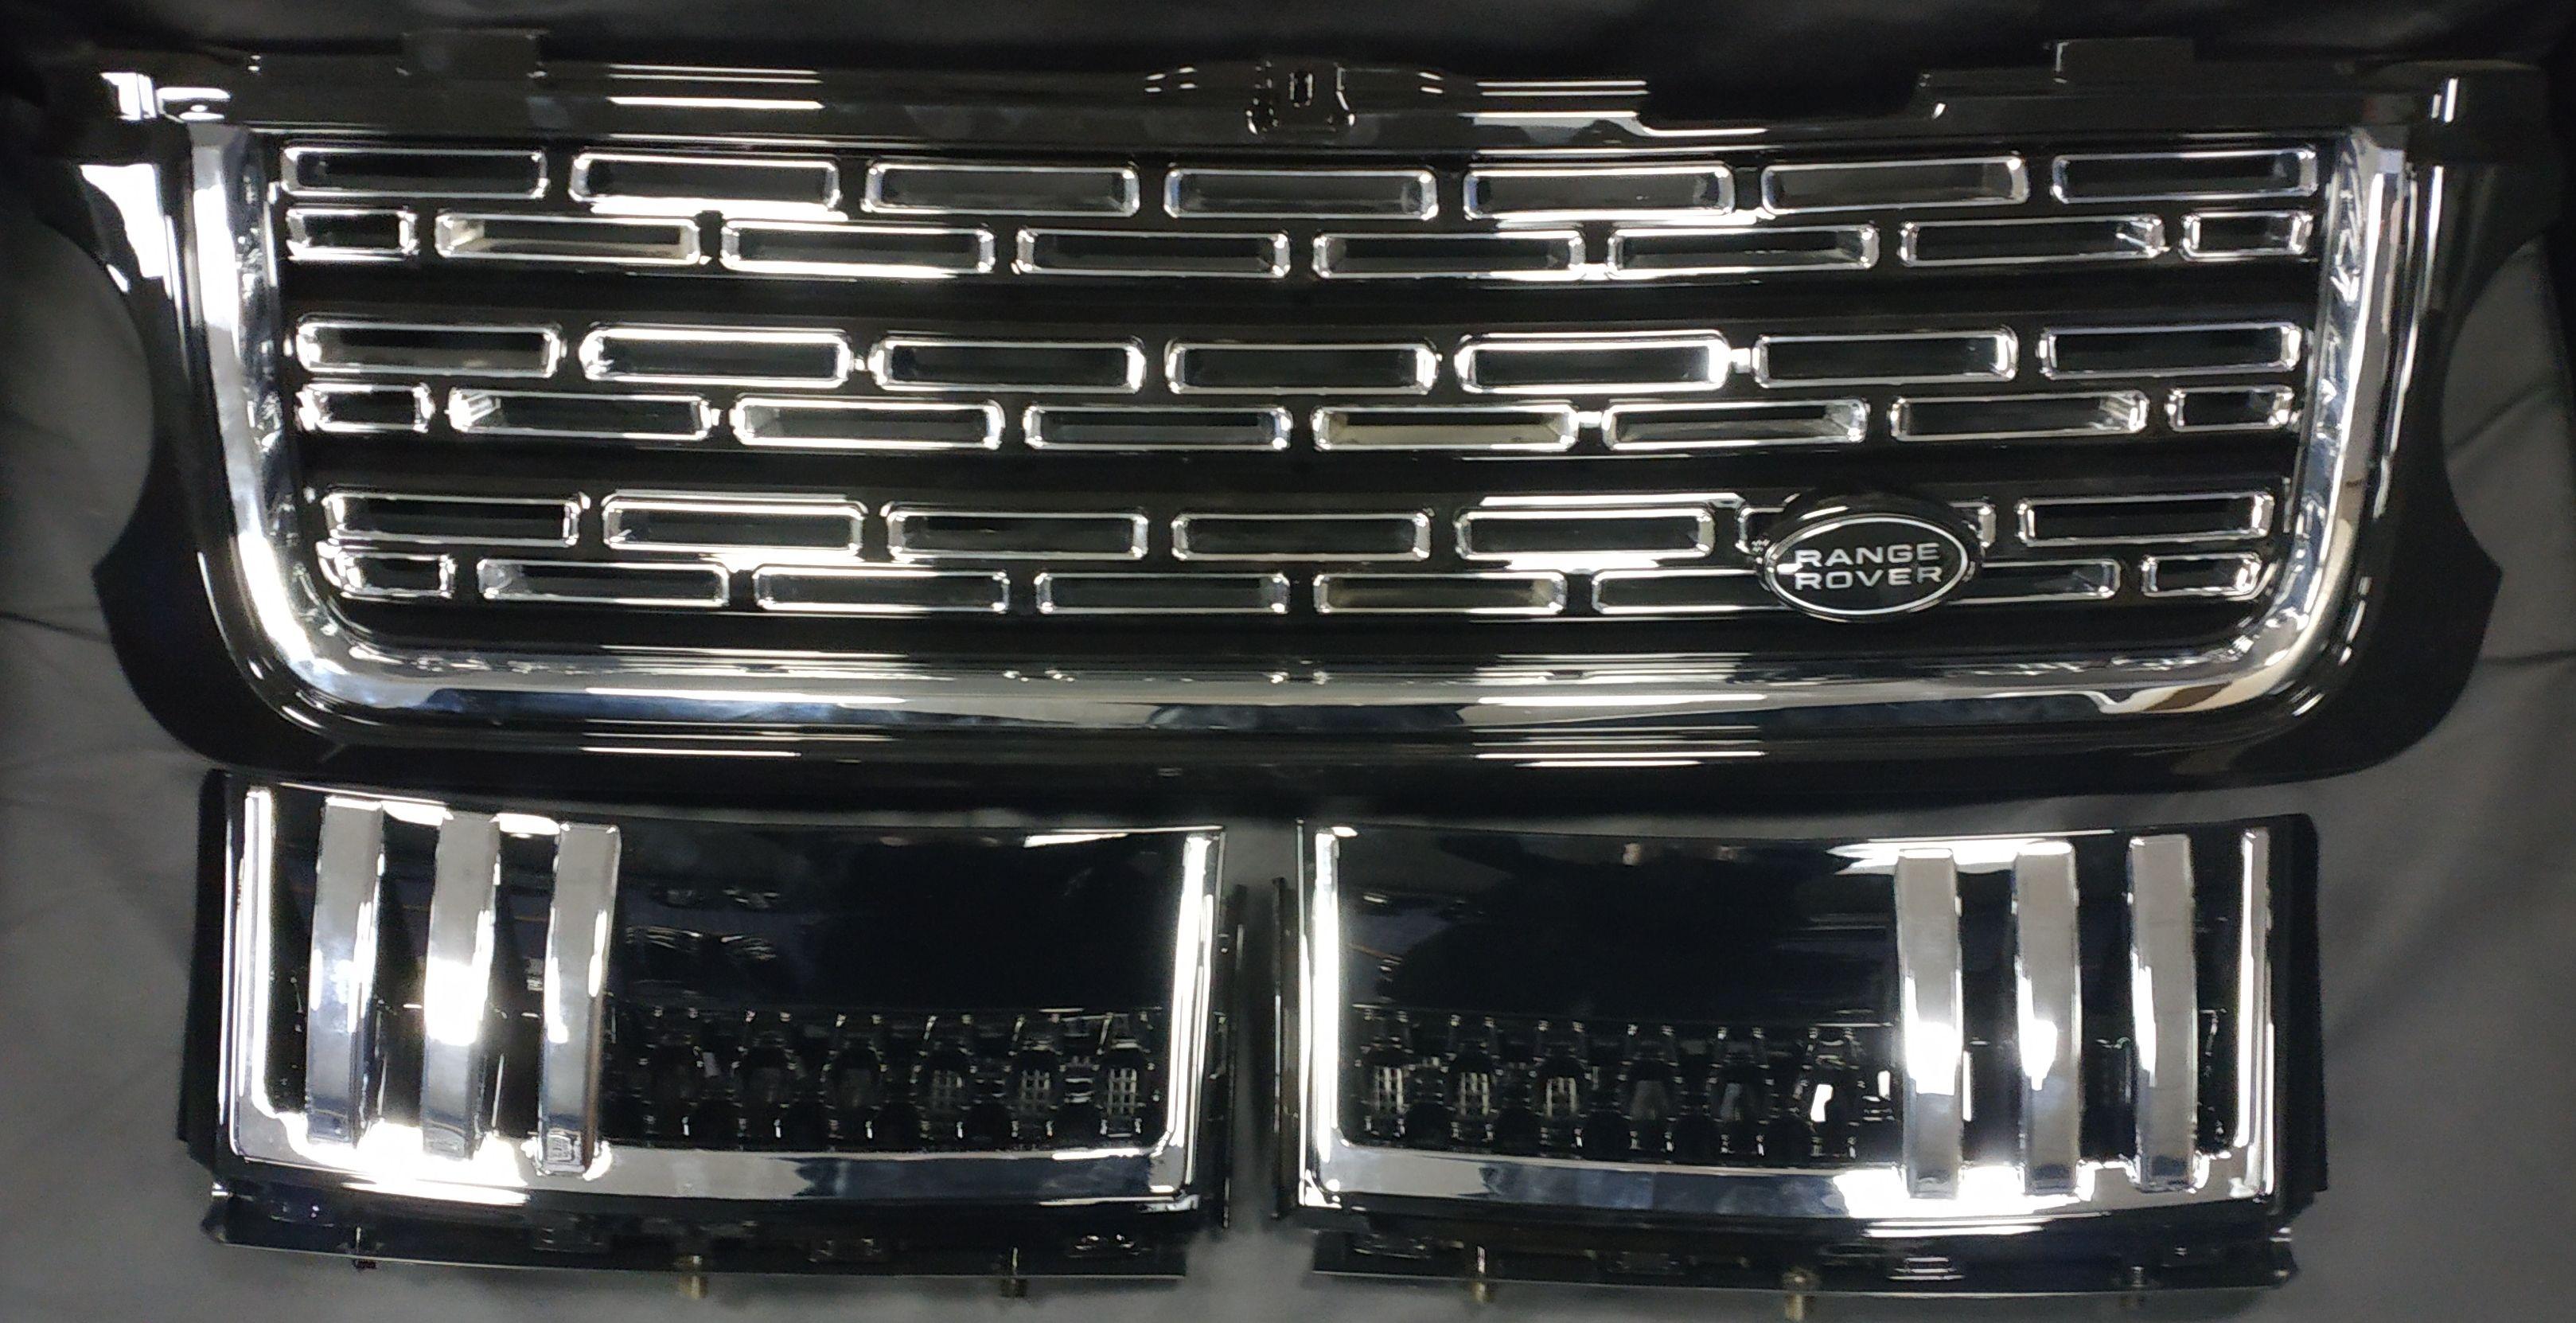 Решетка радиатора и жабры Range Rover Vogue 2010-2012 в стиле L405